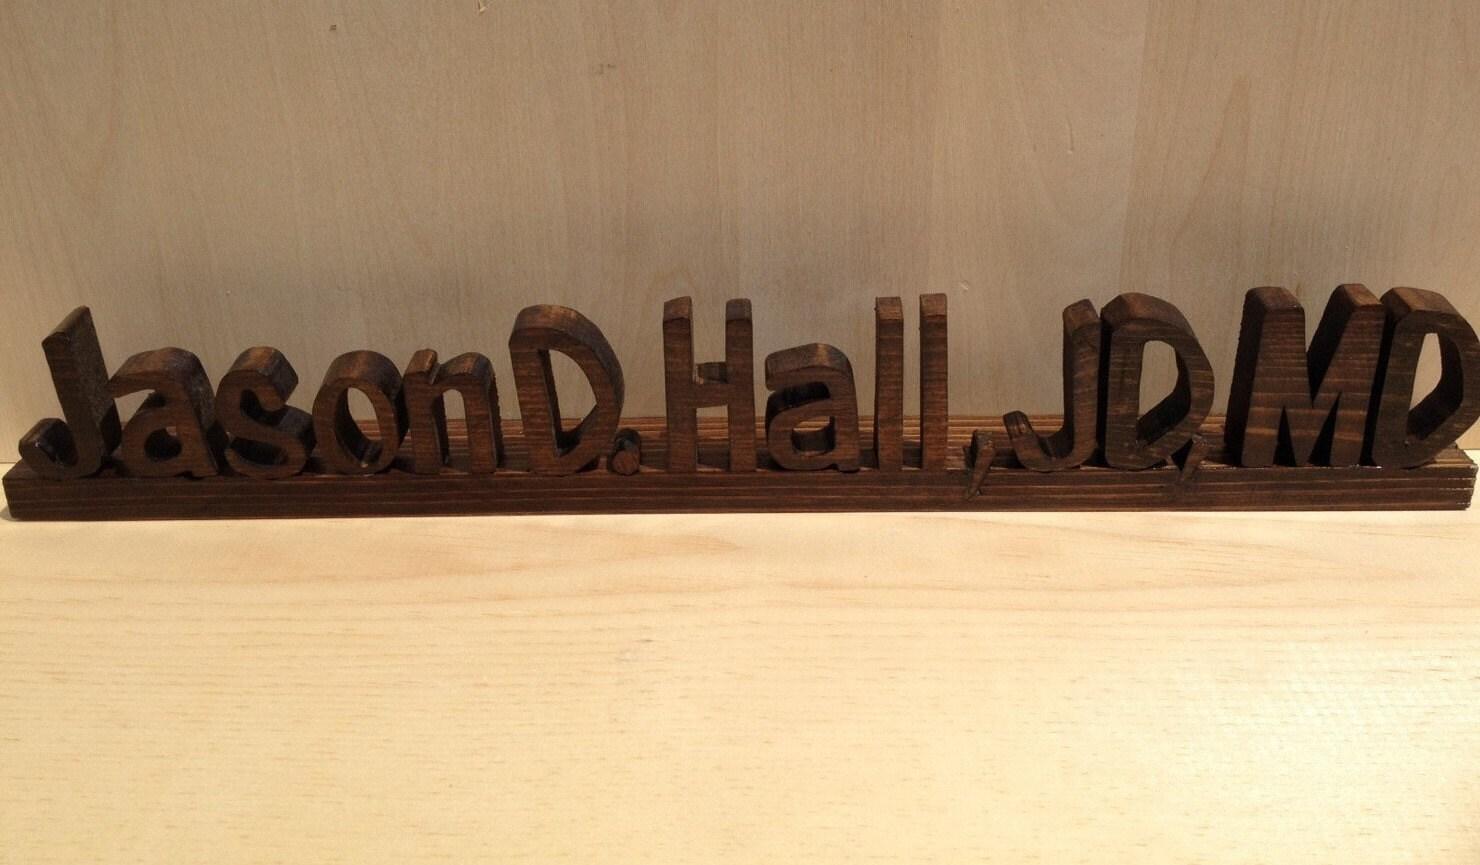 Custom Wood Name Plate